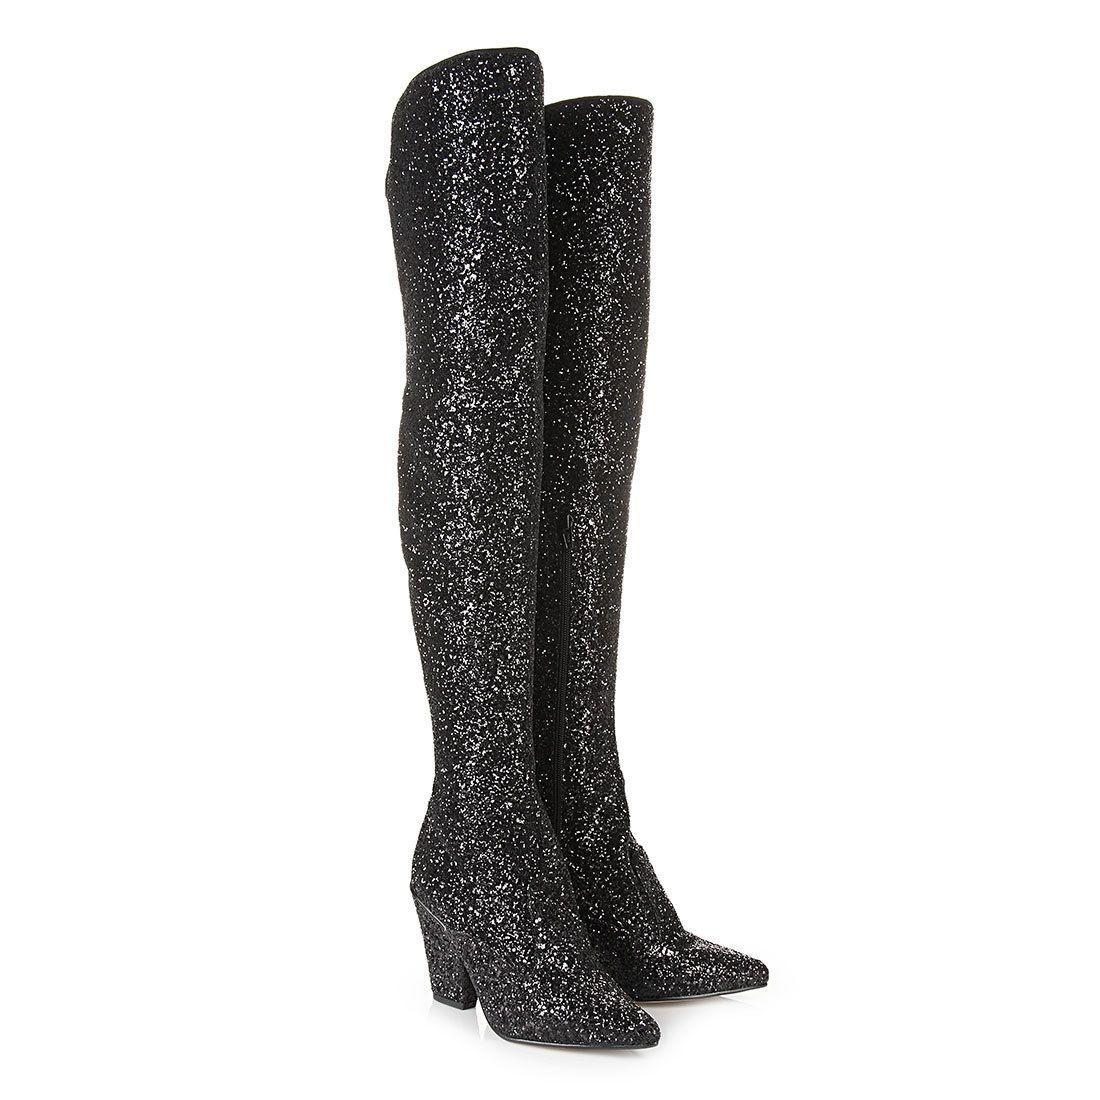 online retailer 8ca1d eb060 Buffalo Schmalschaft-Overknee Stiefel in schwarz Glitzer ...